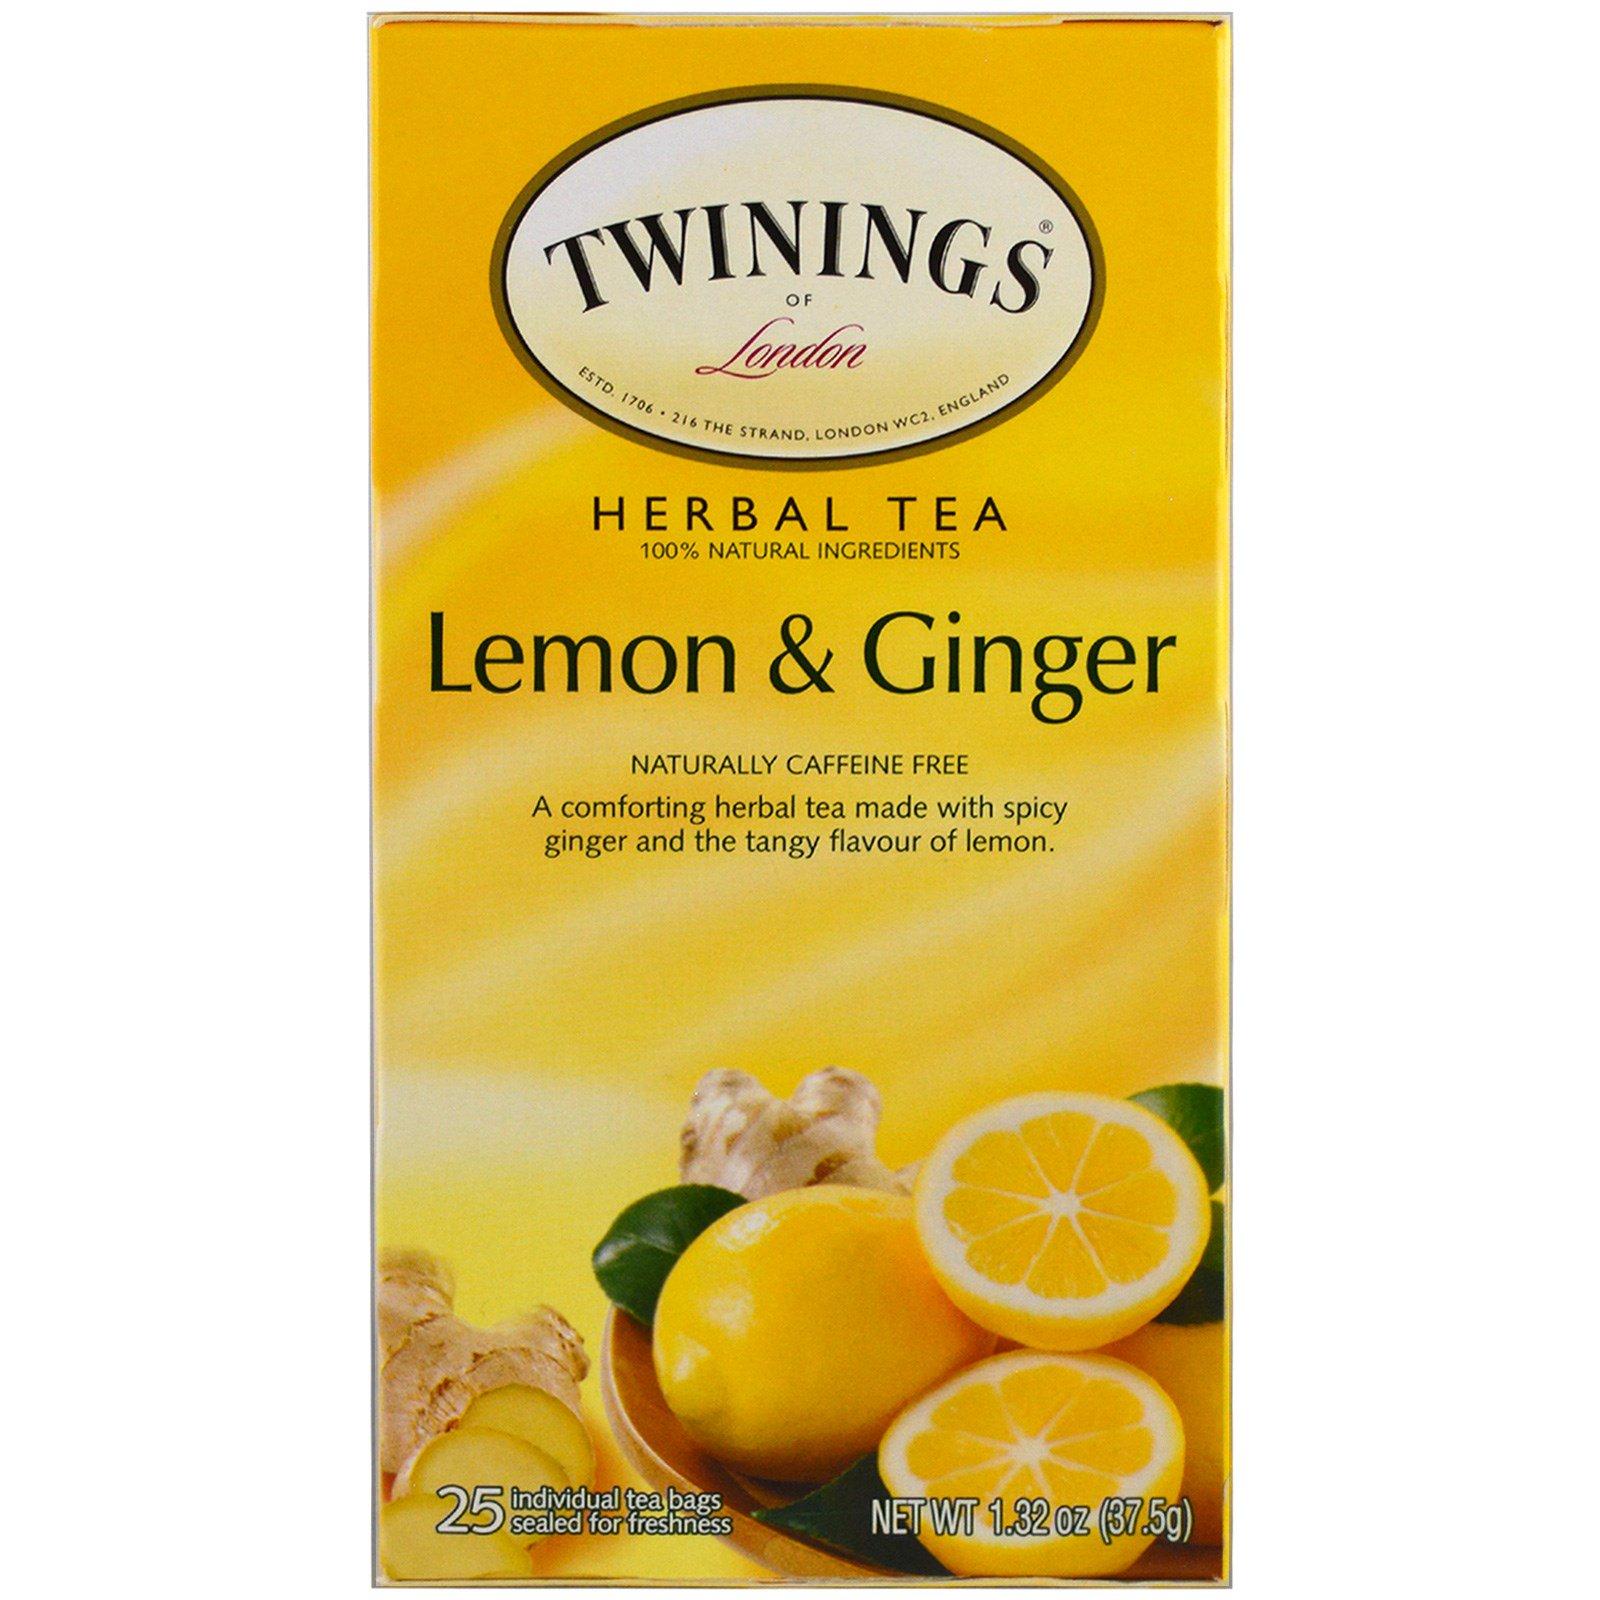 چای گیاهی توینینگز Twinings مدل Lemon & Ginger